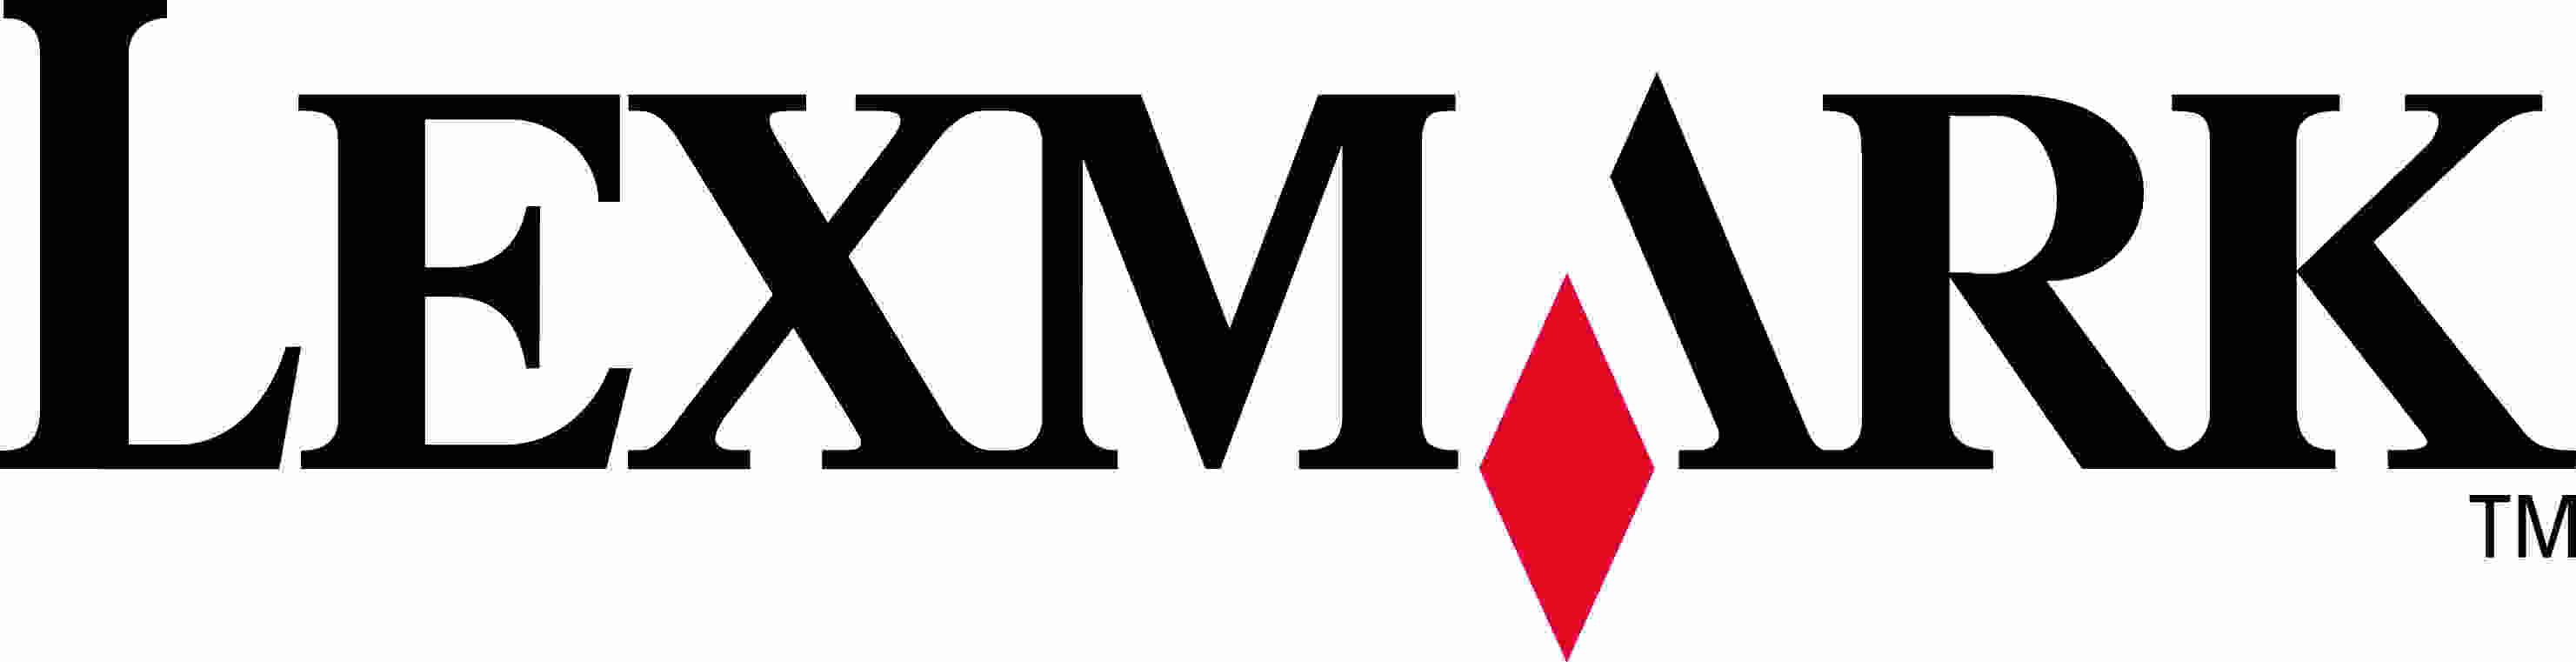 Lexmark Logo Wallpaper